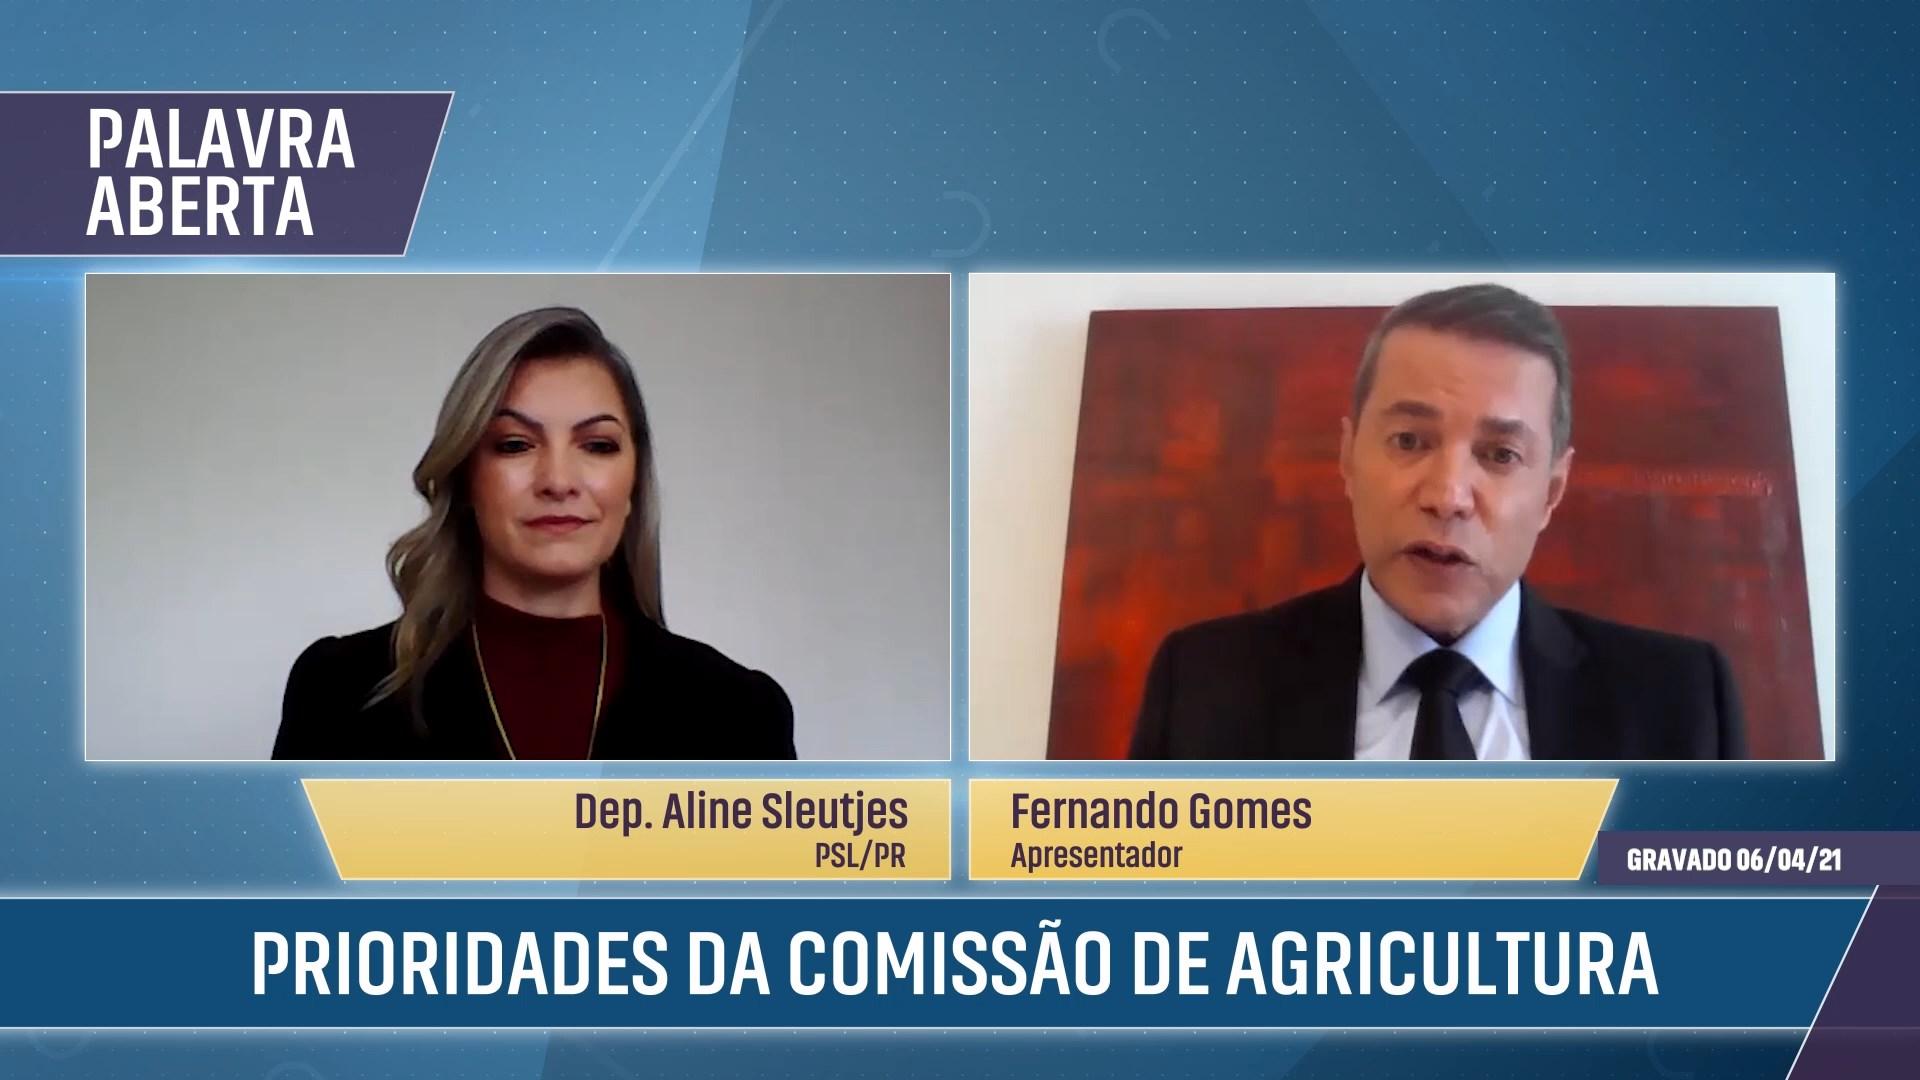 Prioridades da Comissão de Agricultura